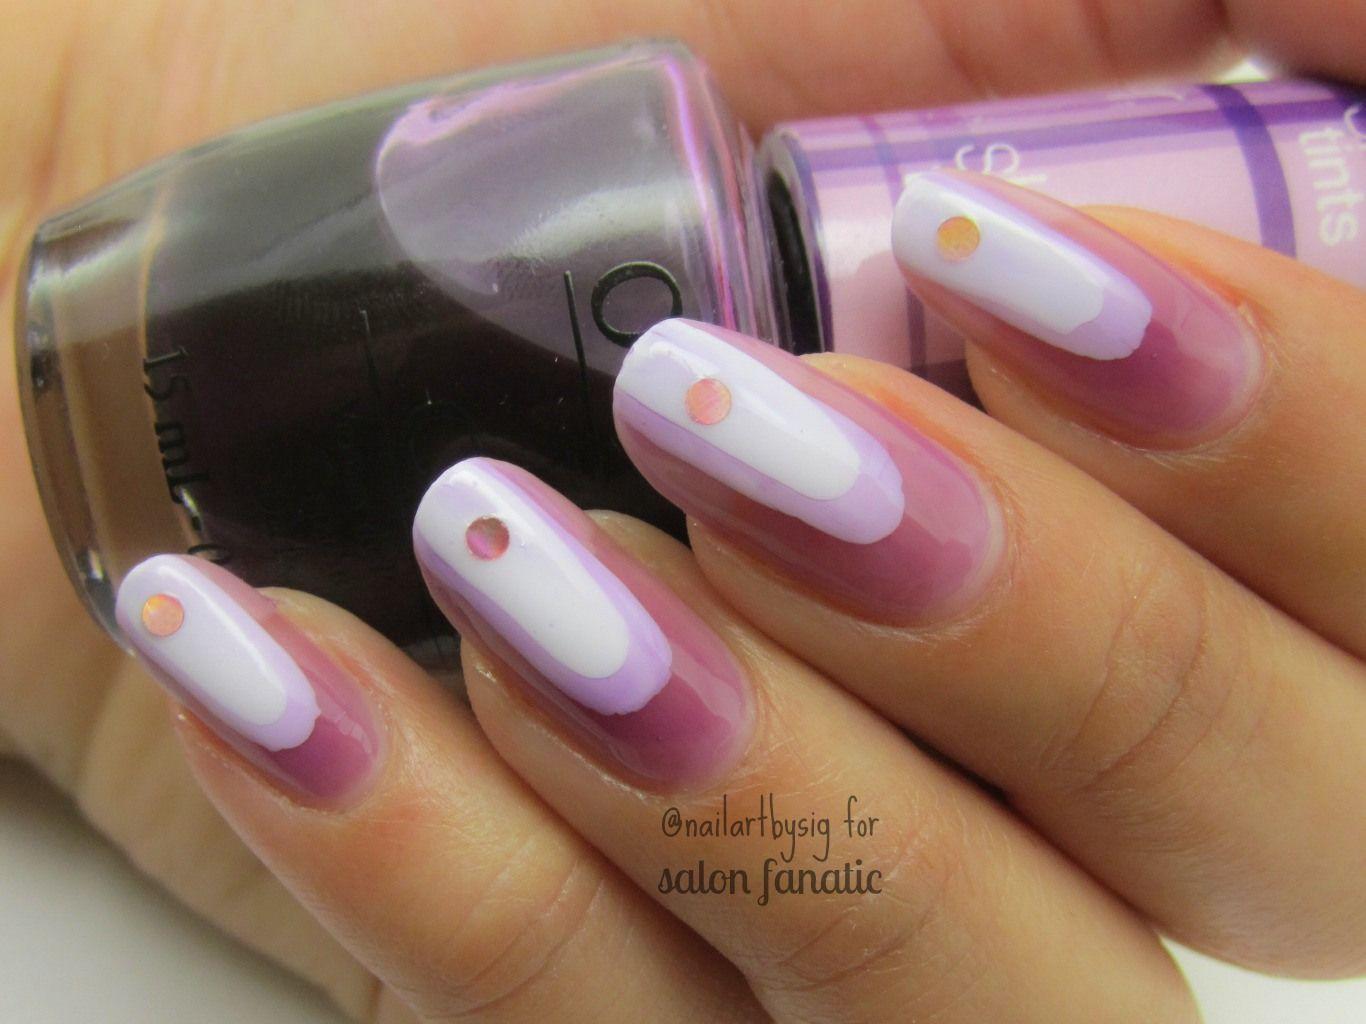 Mani Monday: Abstract Nails With OPI Sheer Tints | Salon Fanatic ...